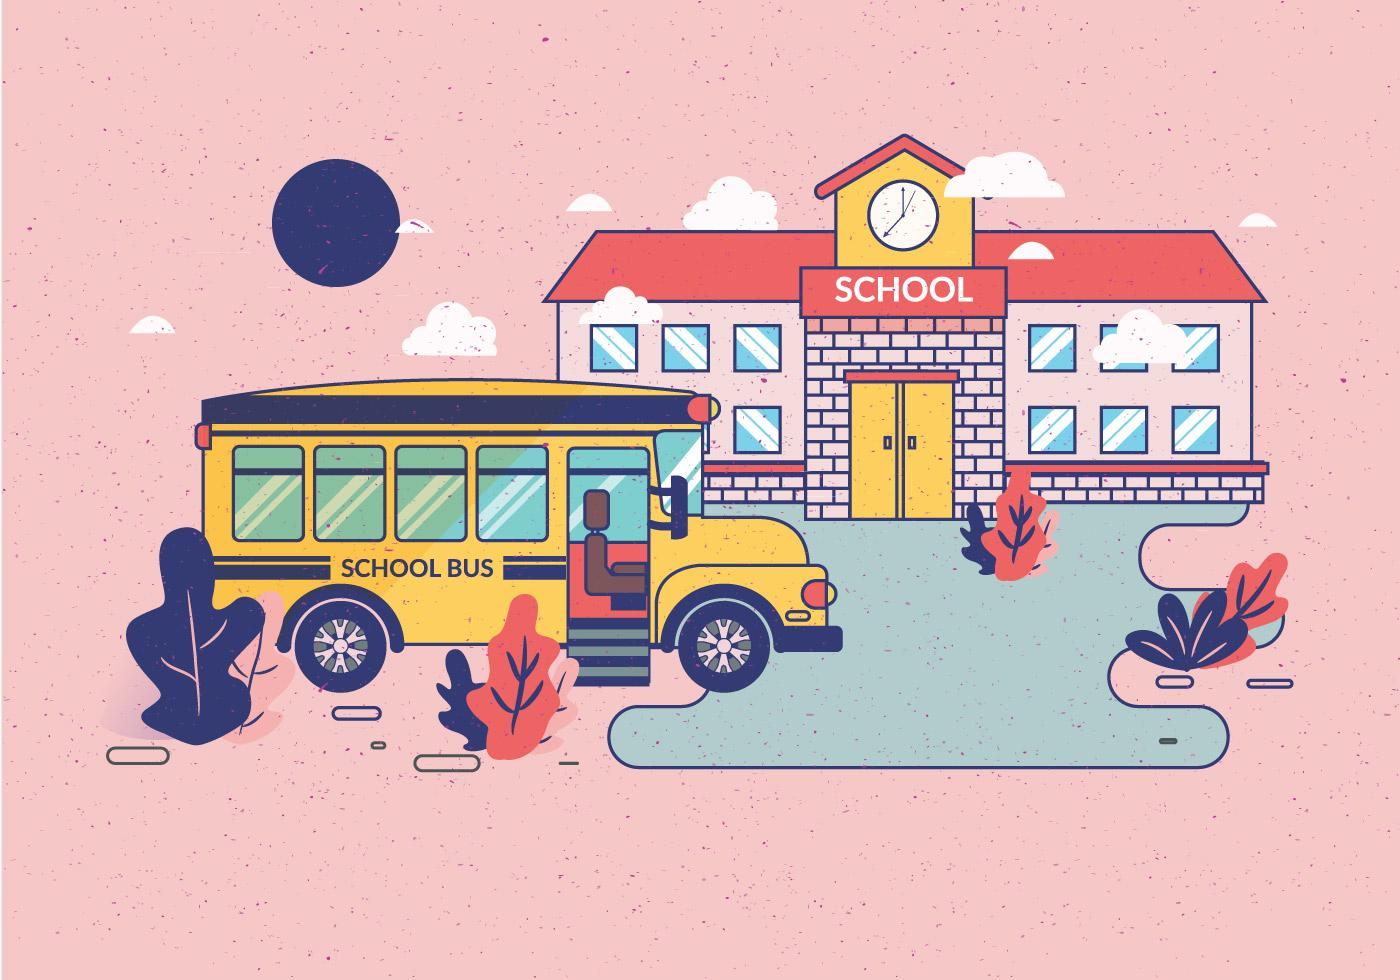 學校卡通 免費下載 | 天天瘋後製